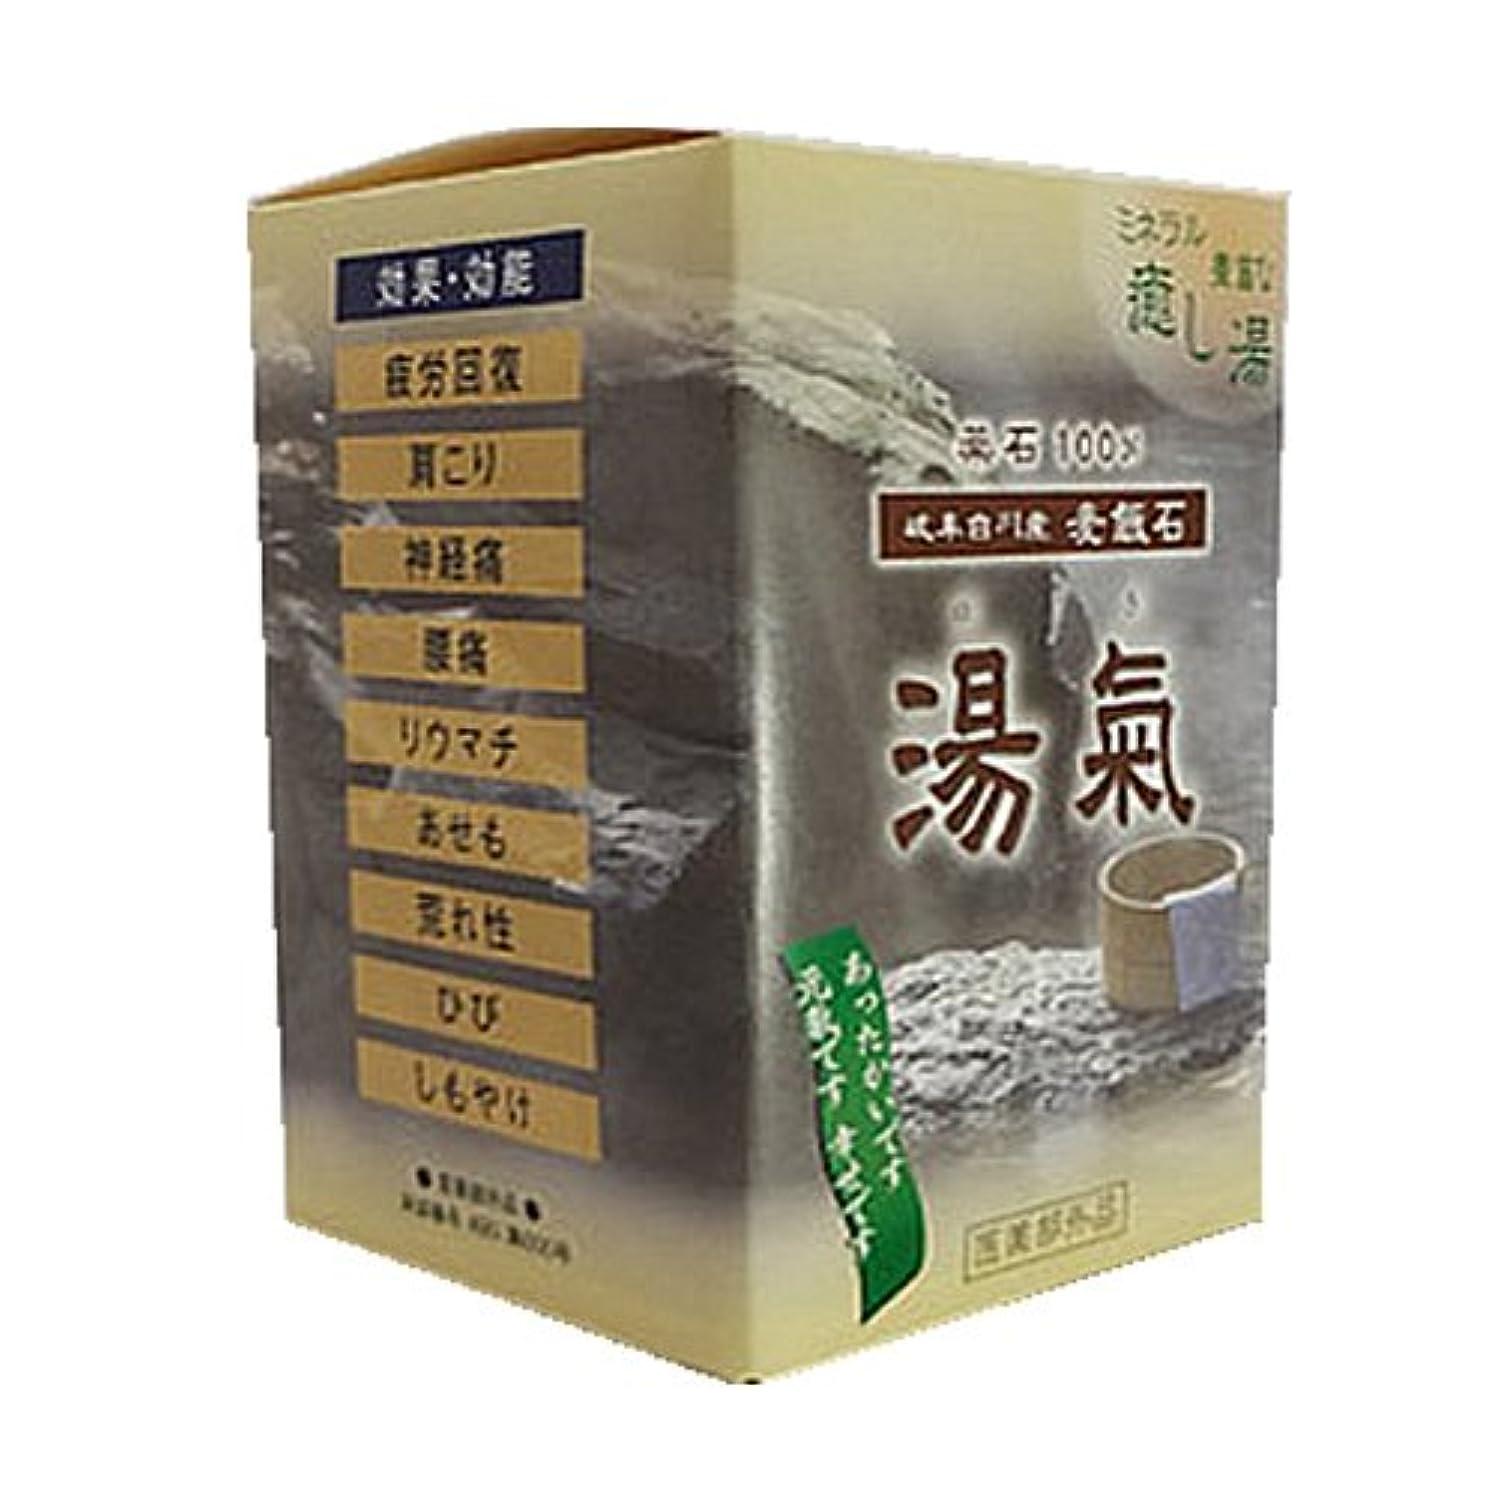 細菌警告ヘルメット医薬部外品 岐阜白川産麦飯石 湯気(ゆき) K11781